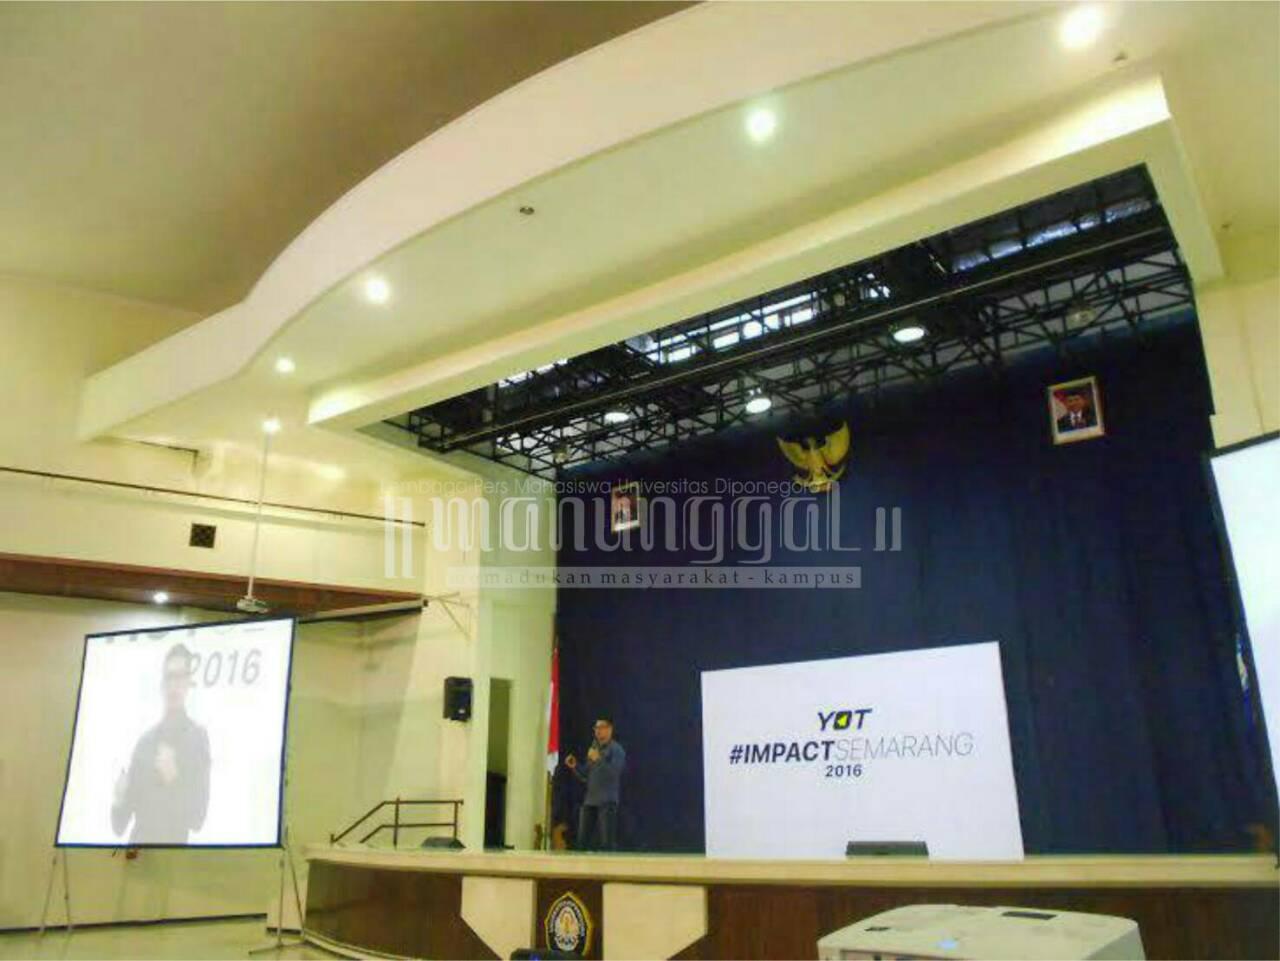 Salah satu pembicara, Yan Hendry berbagi pengalaman dalam kegiatan Impact YOT Semarang pada Sabtu (16/4) di Gedung Soedarto Undip. (Ma'ruf/Manunggal)